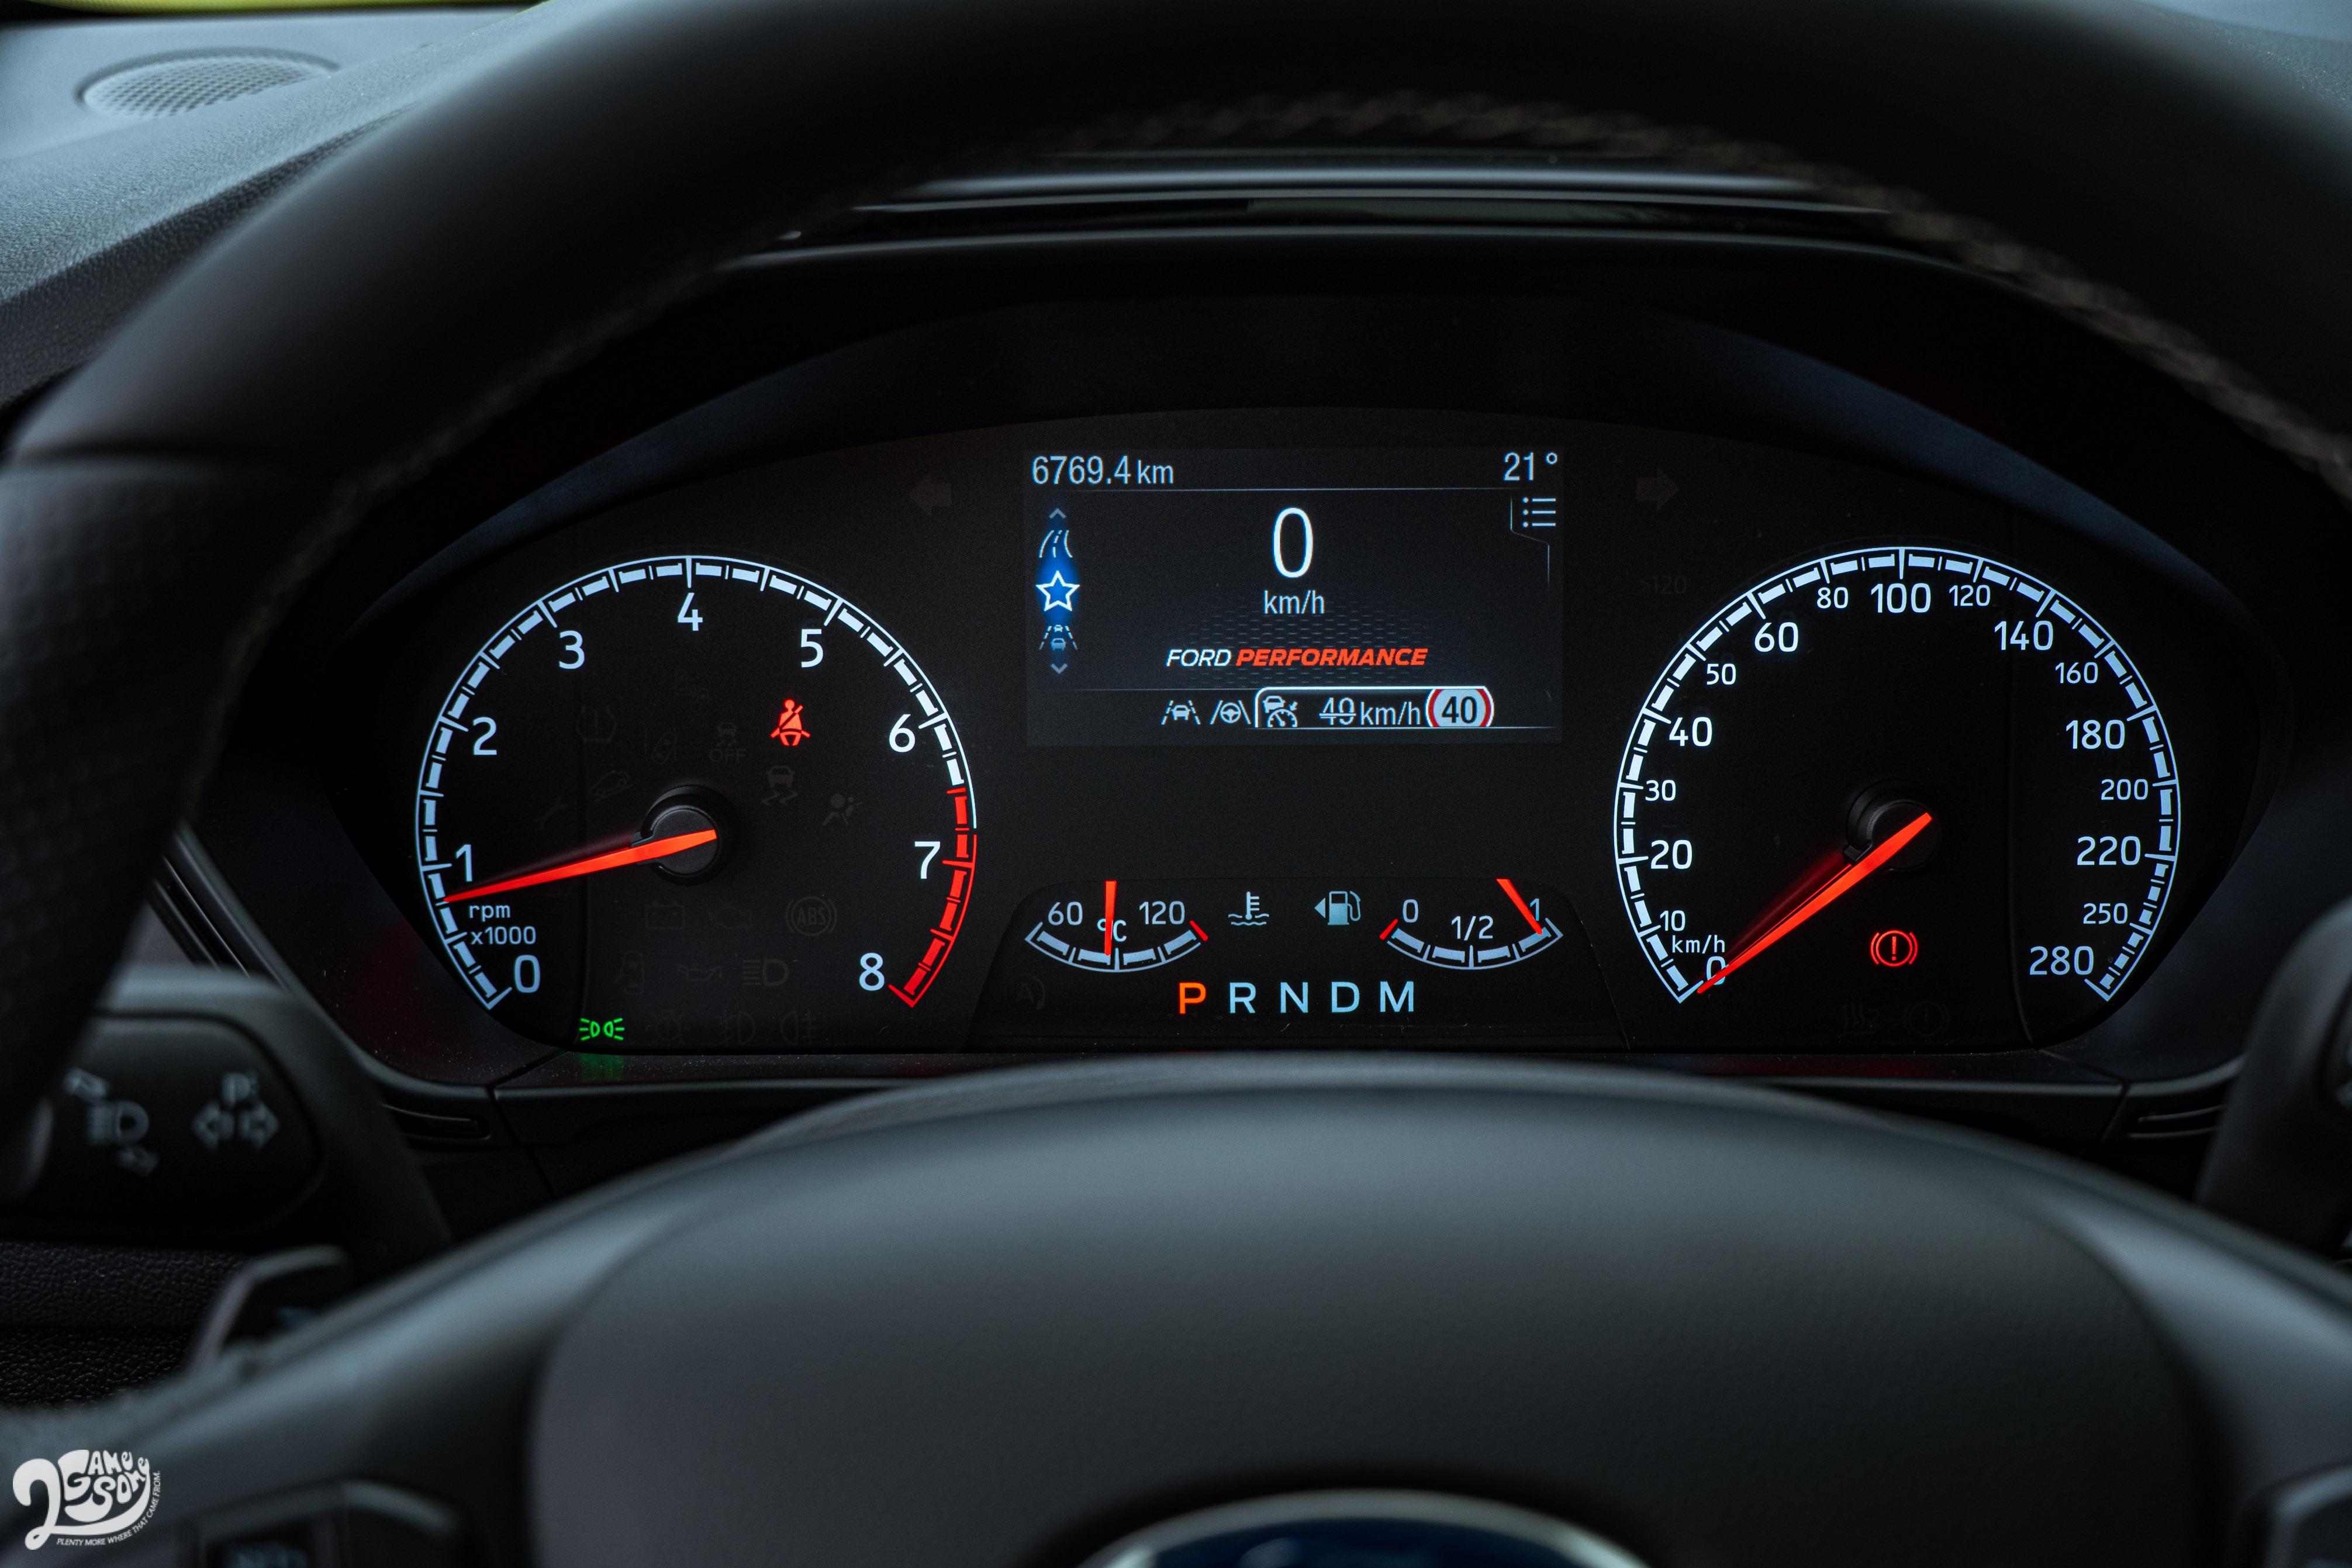 試駕車搭載雙環式儀表搭配中央液晶螢幕,不過 20.75 年式全面標配 12.3吋全彩液晶智慧多功能儀表。